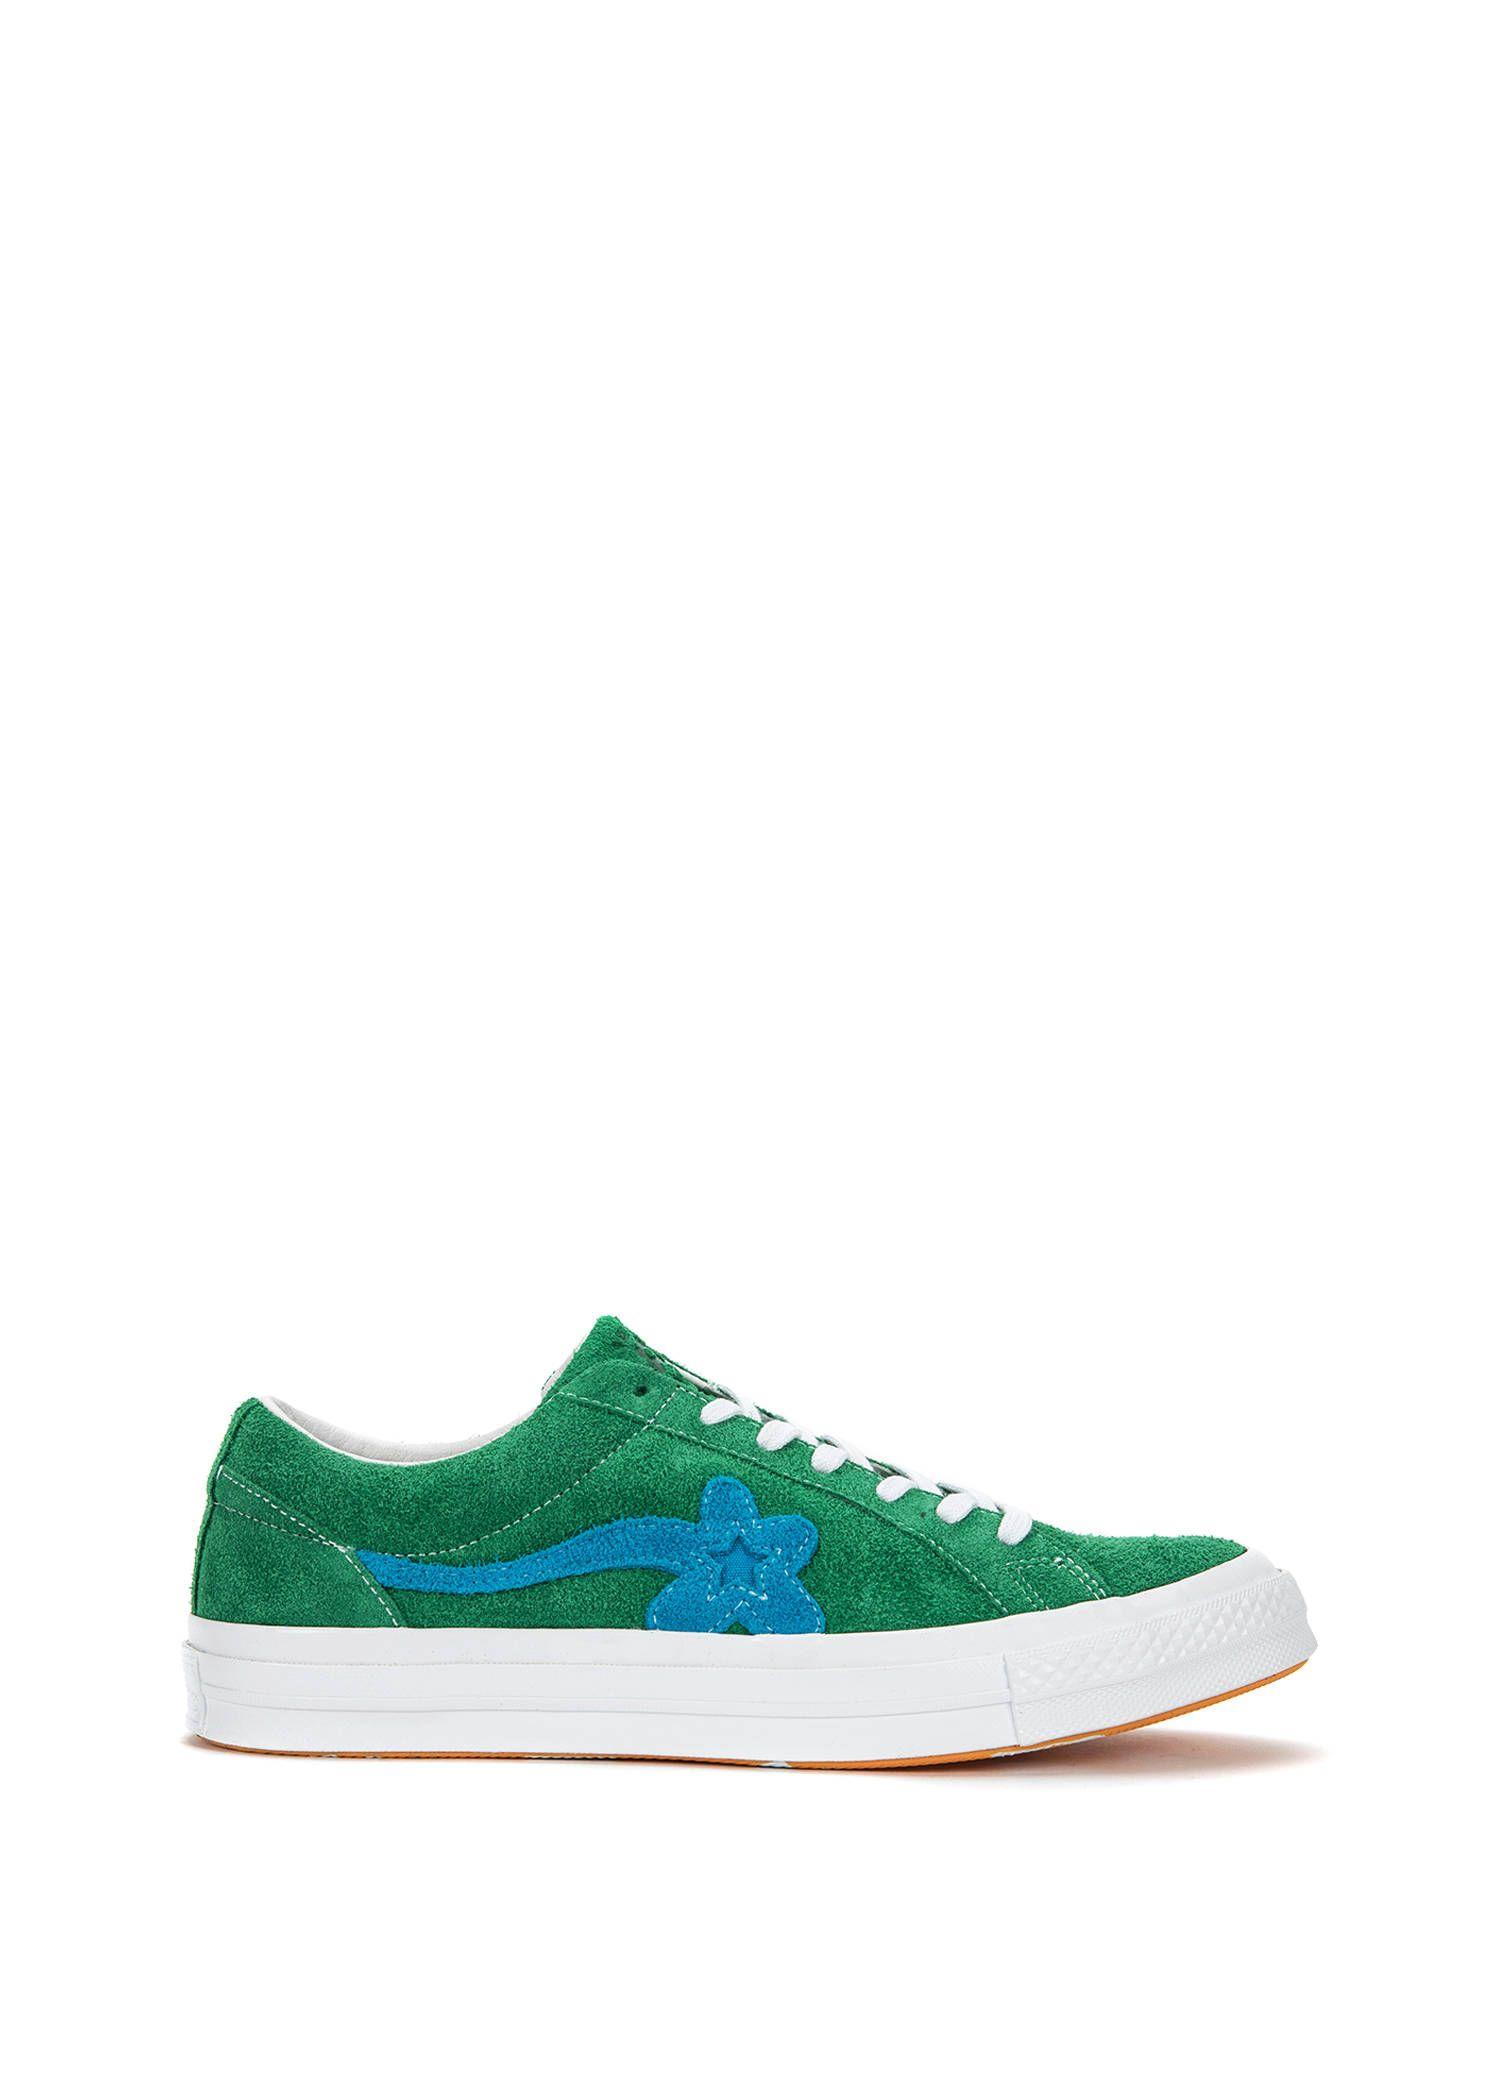 c8fc5e07a5b6 CONVERSE One Star x GOLF le FLEUR .  converse  shoes